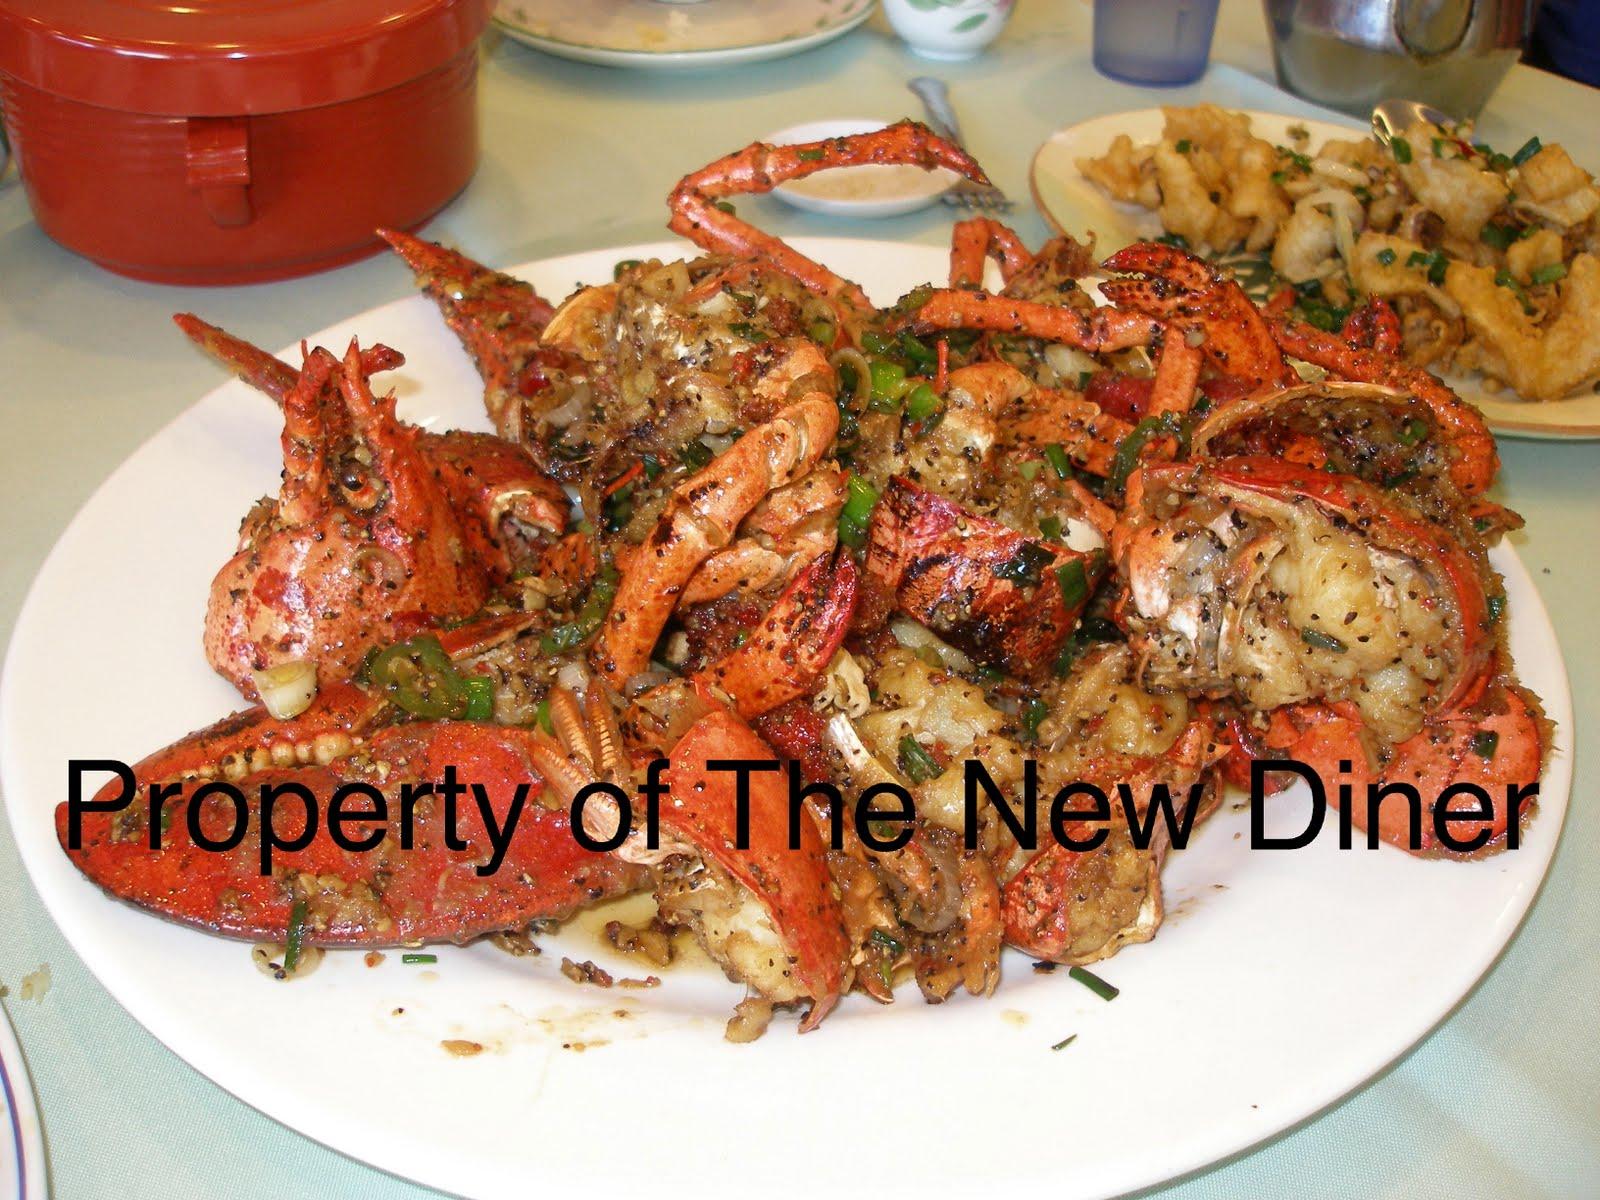 The New Diner: September 2006